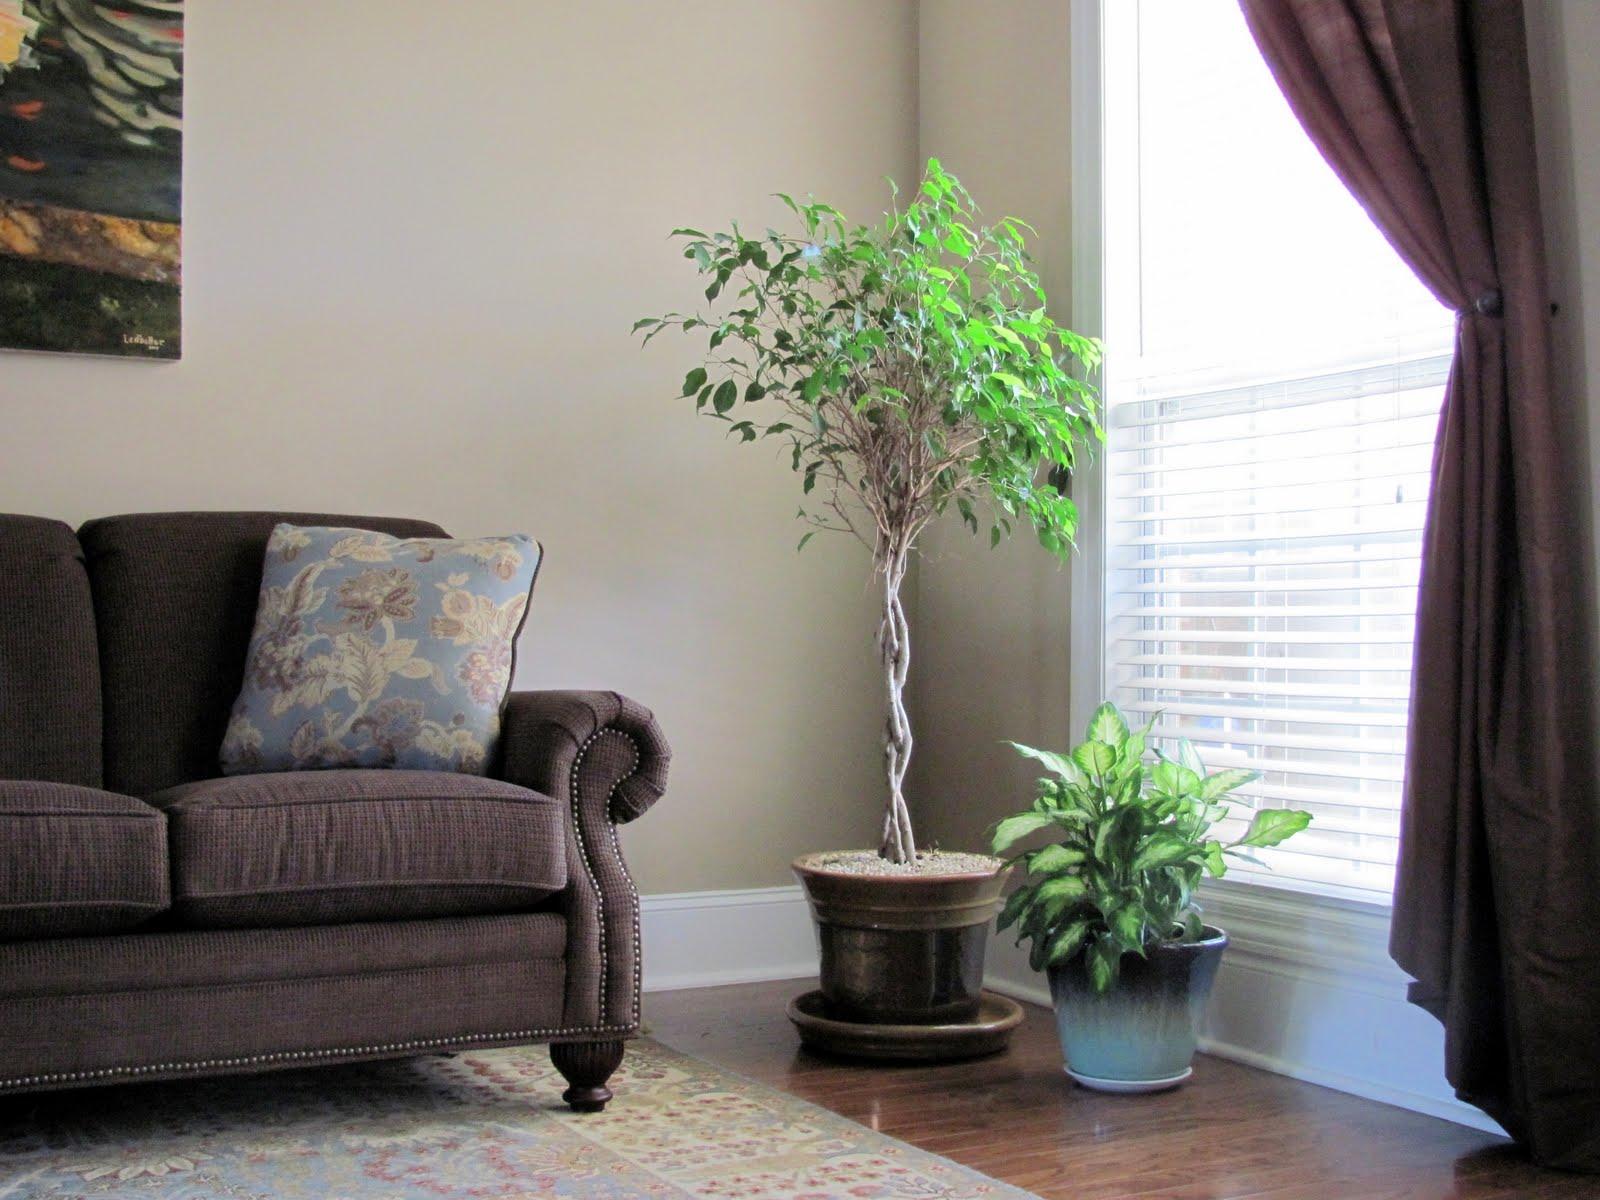 tanaman hidup di dalam ruangan